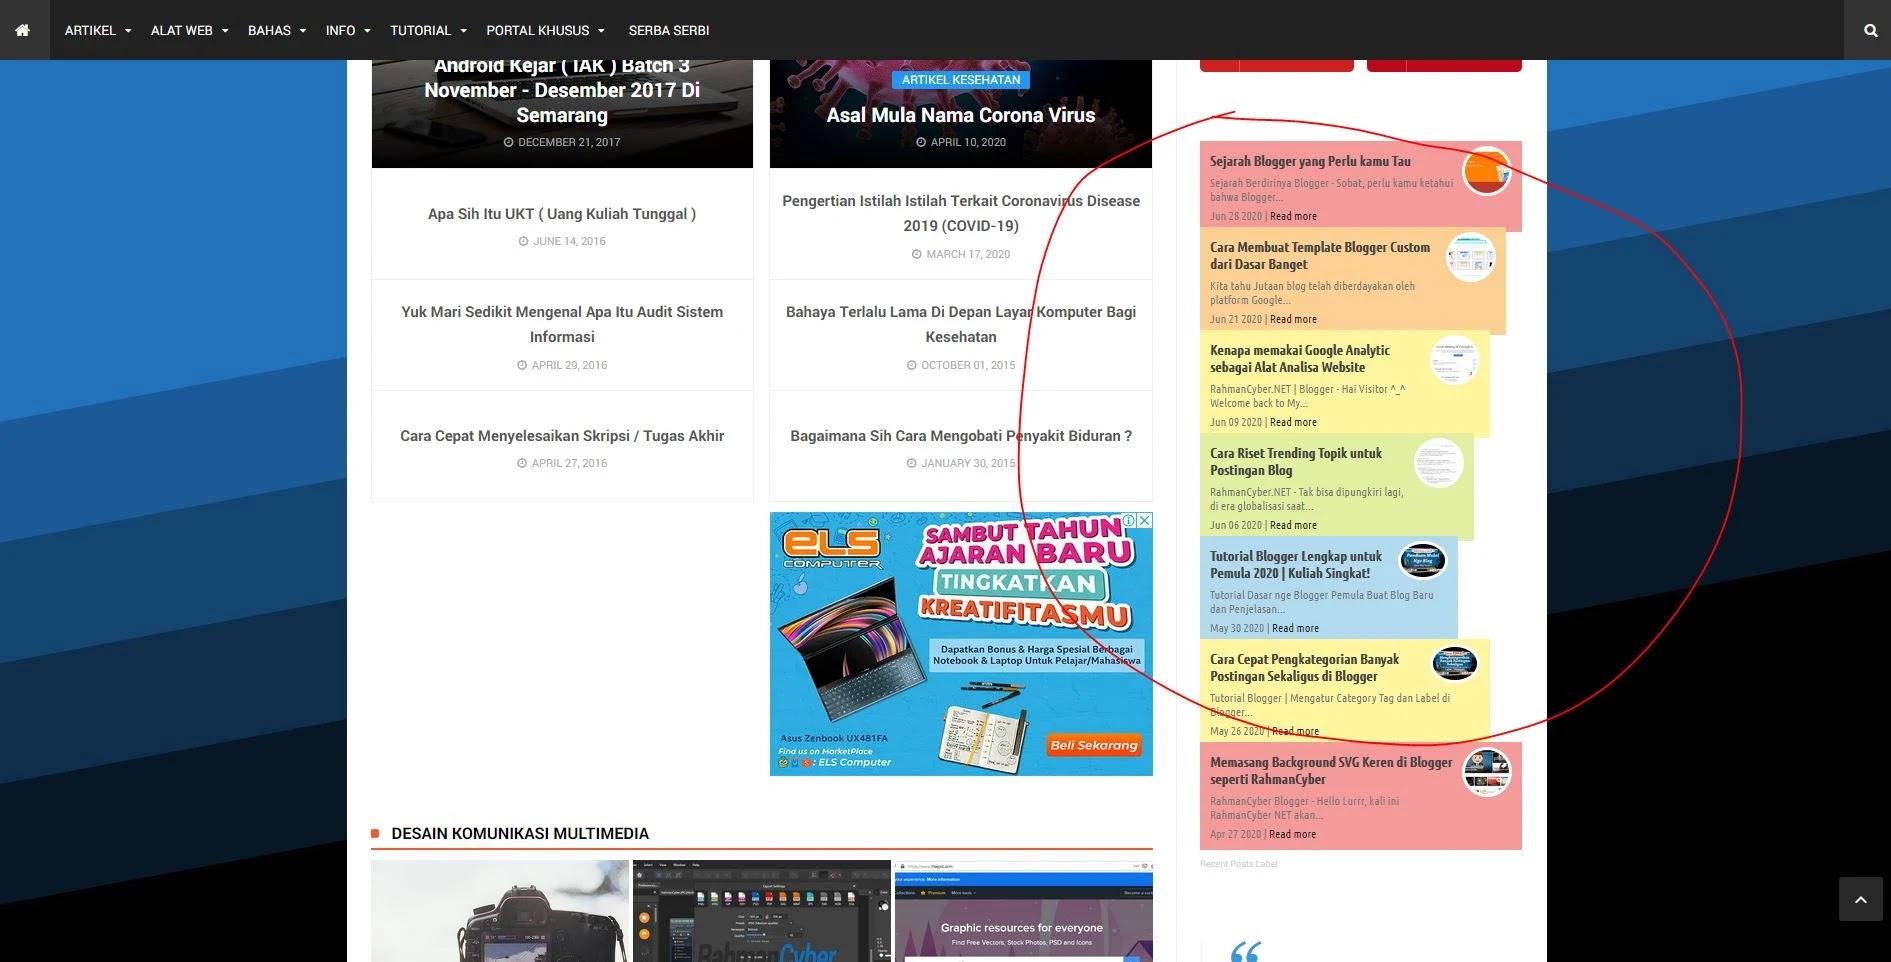 Tampilan widget recent post by label bertingkat